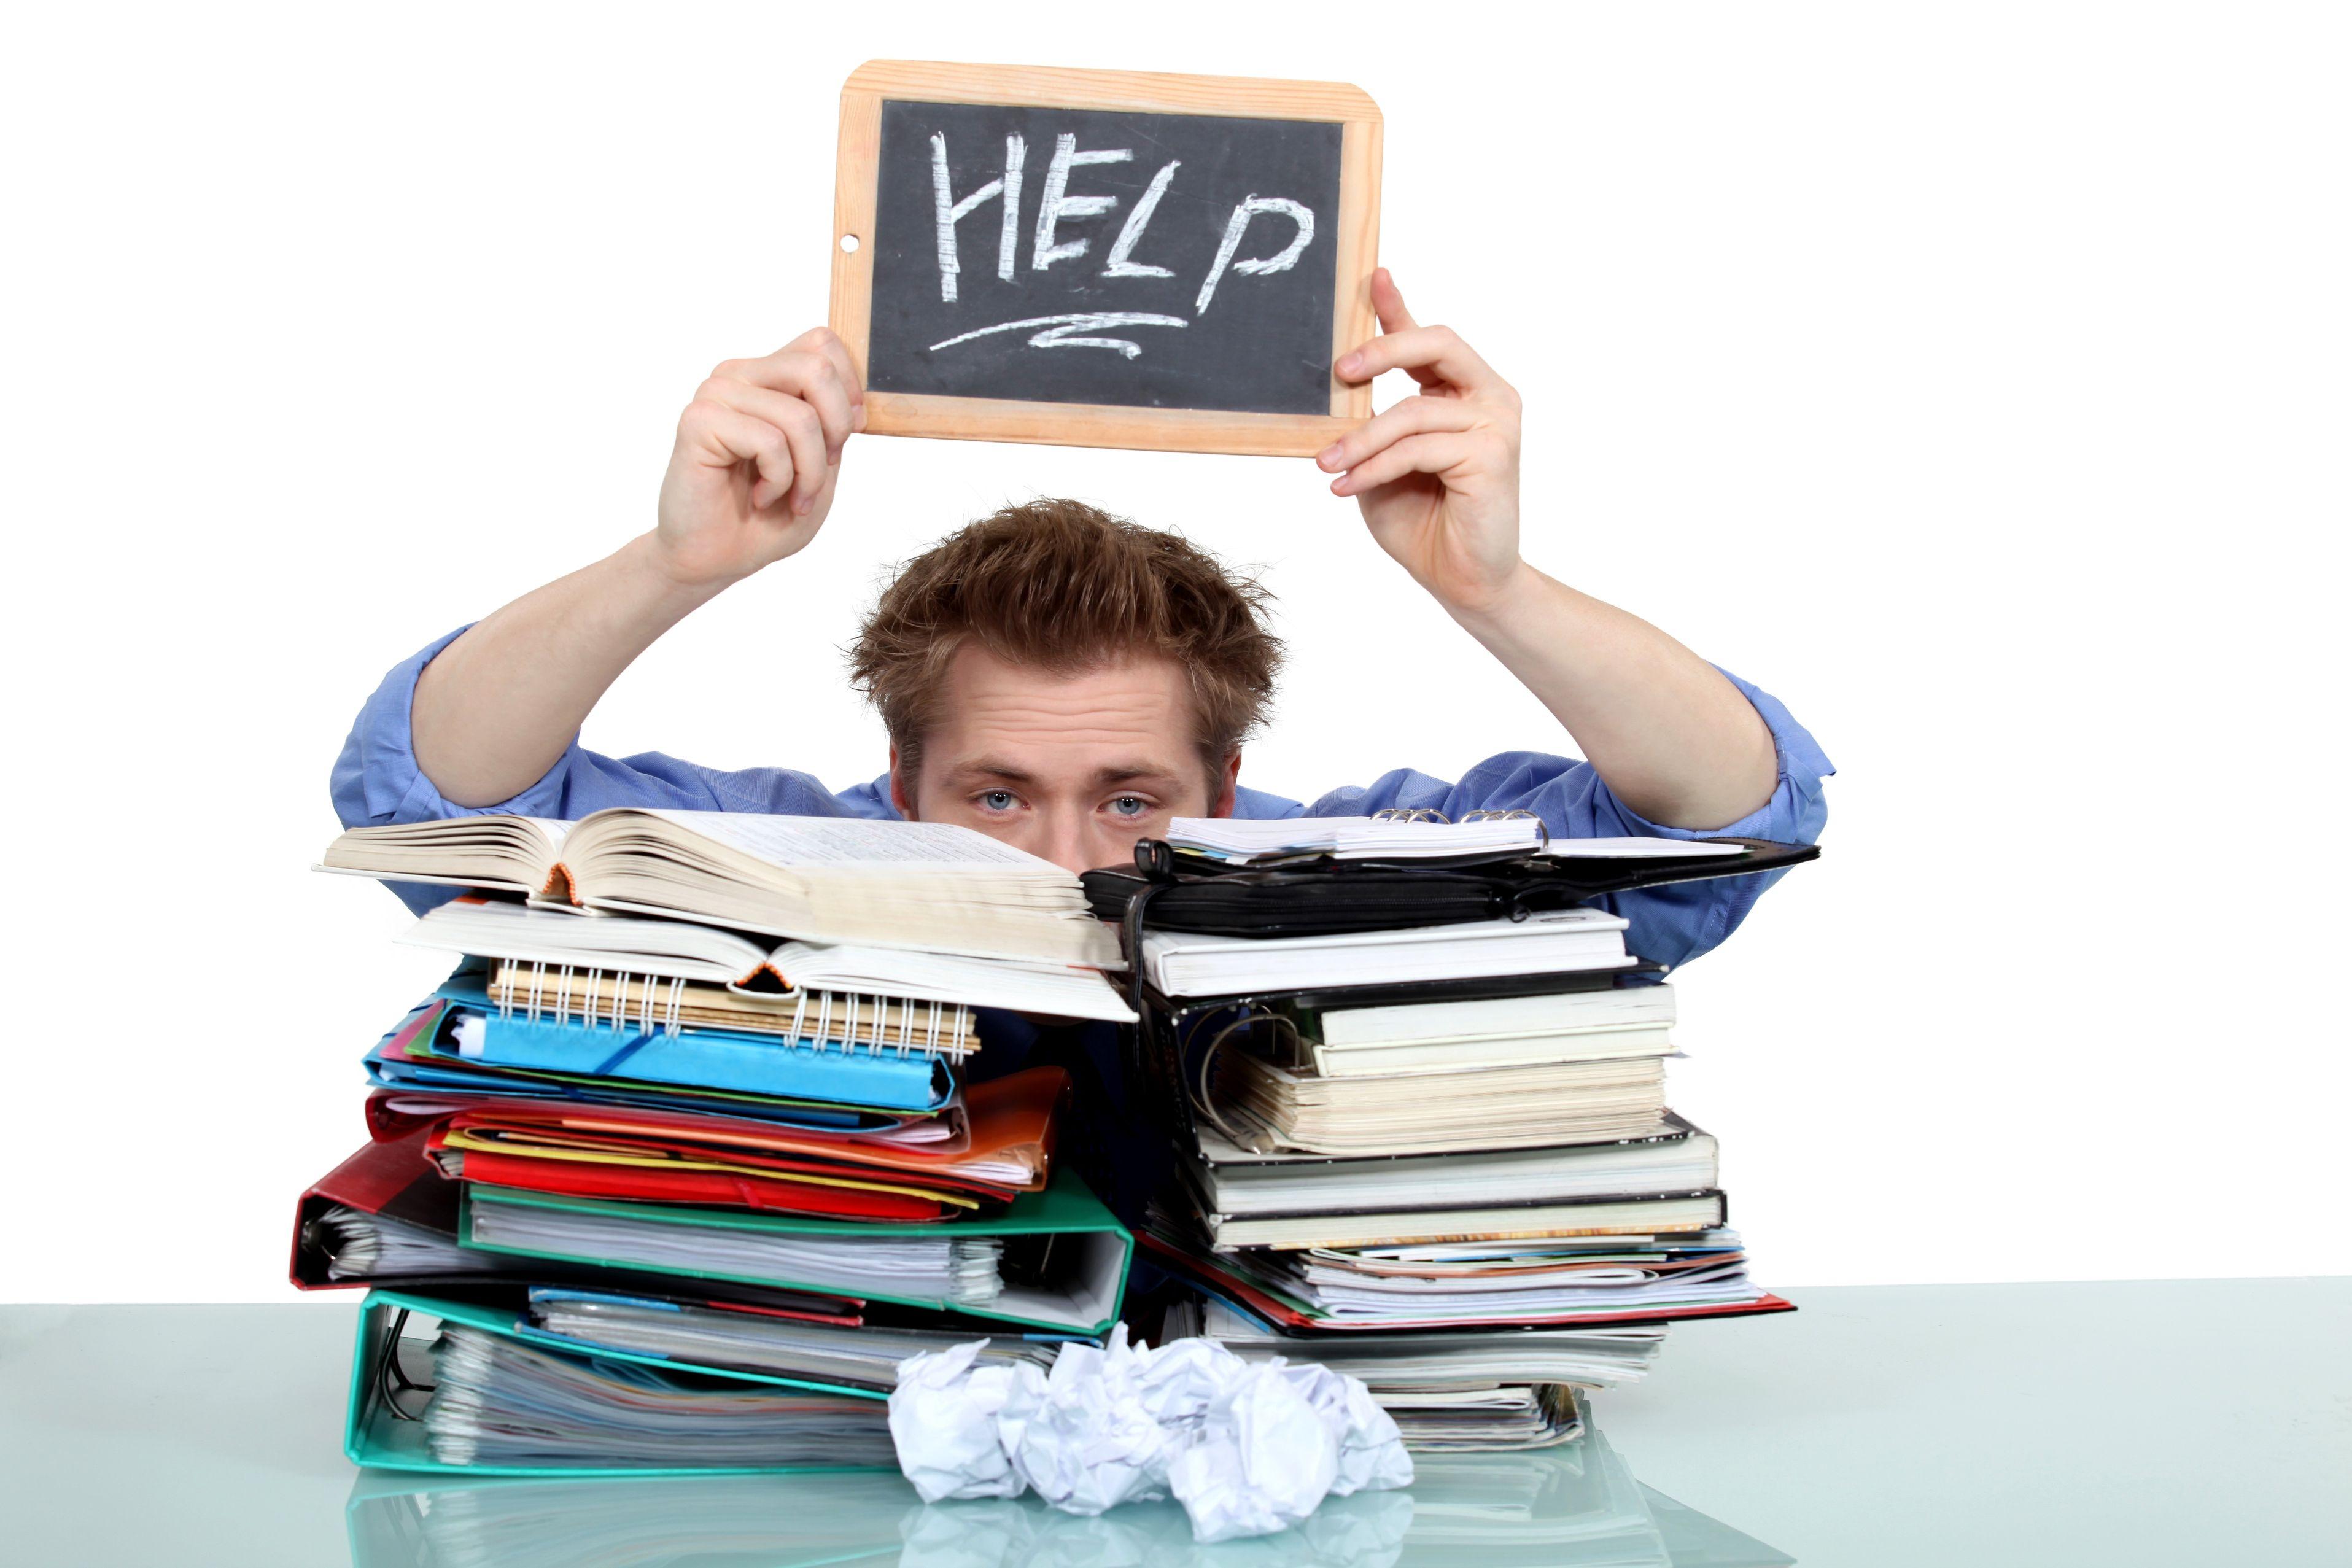 помощь в подготовке курсовых и дипломных работ